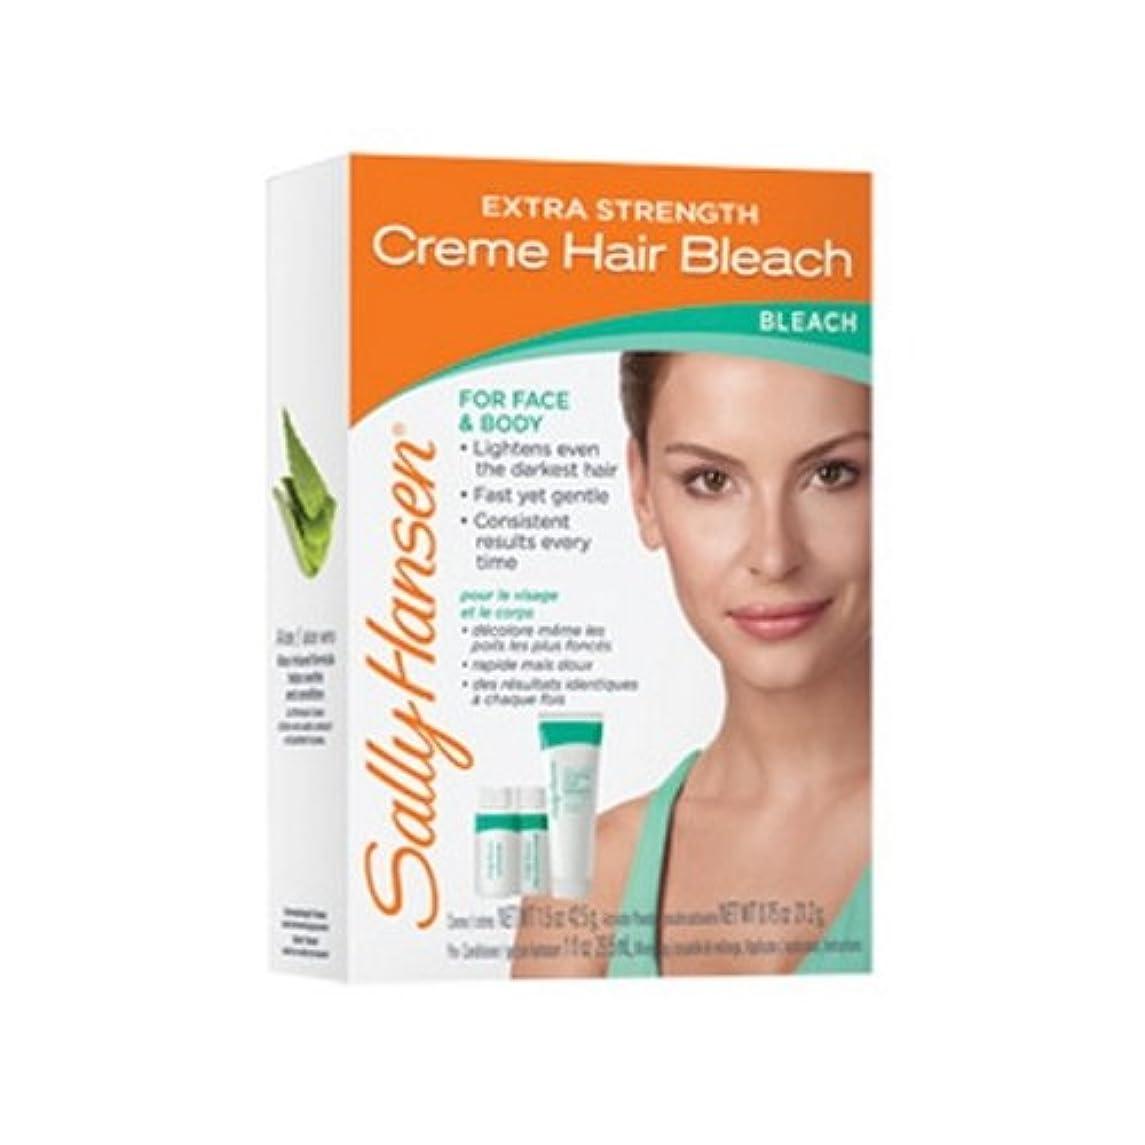 つぶやき聞きます悪性SALLY HANSEN Extra Strength Creme Hair Bleach for Face & Body - SH2010 (並行輸入品)